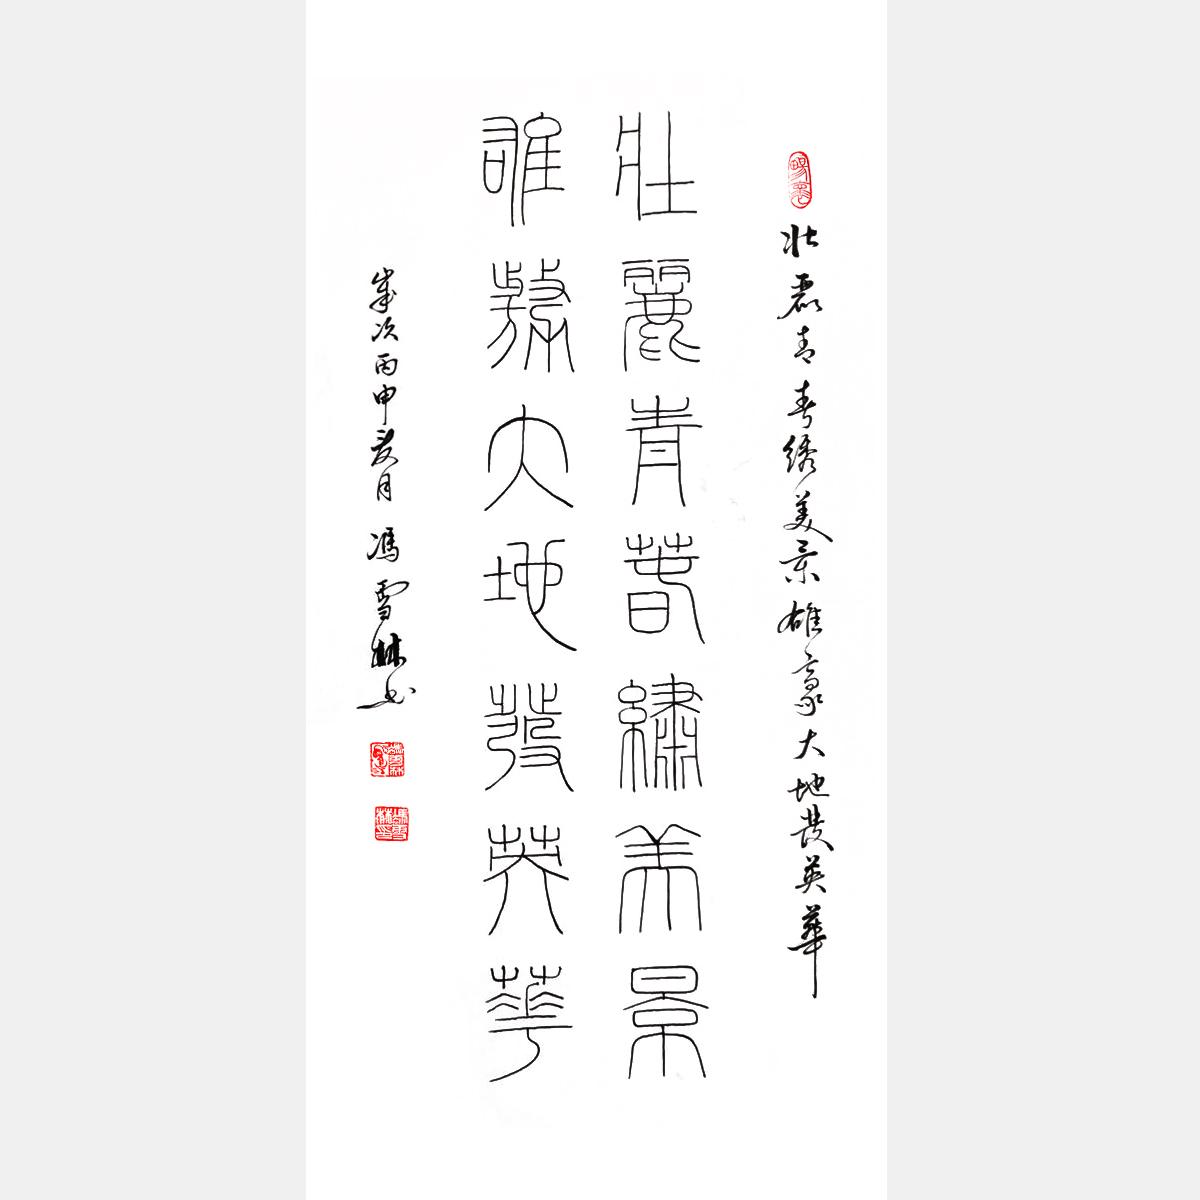 冯雪林篆书对联 壮丽青春绣美景,广阔天地放英华。 篆书书法作品